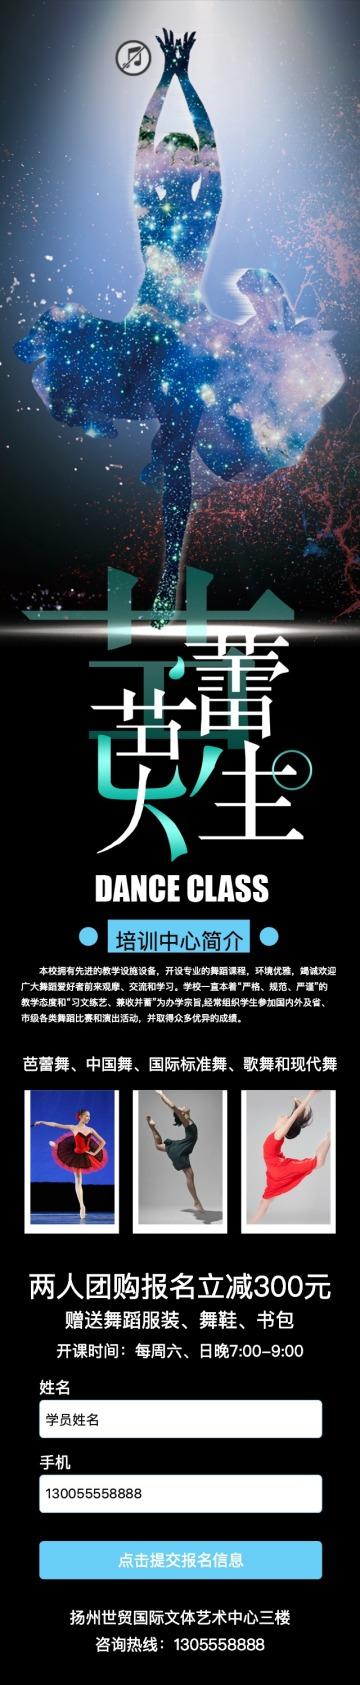 舞蹈培训班培训学校招生宣传单页